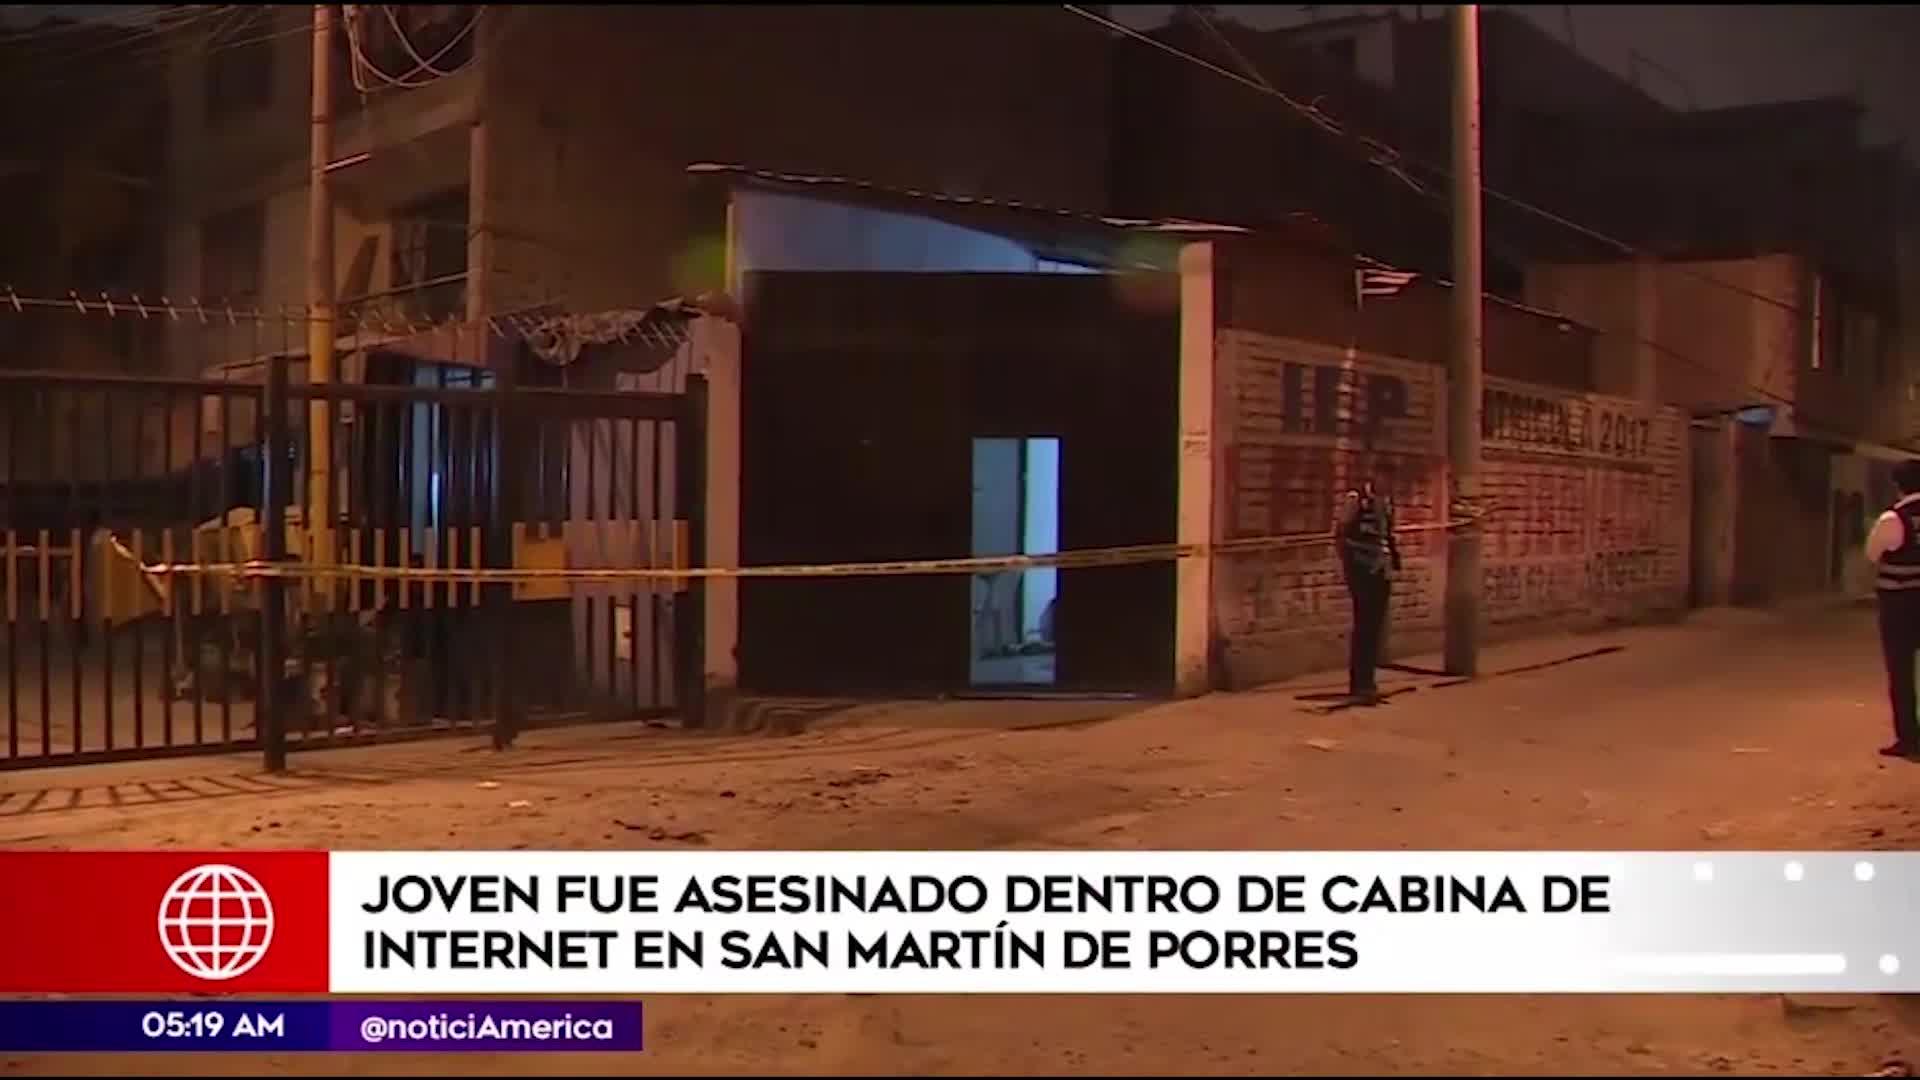 SMP: asesinan a joven en cabina de internet